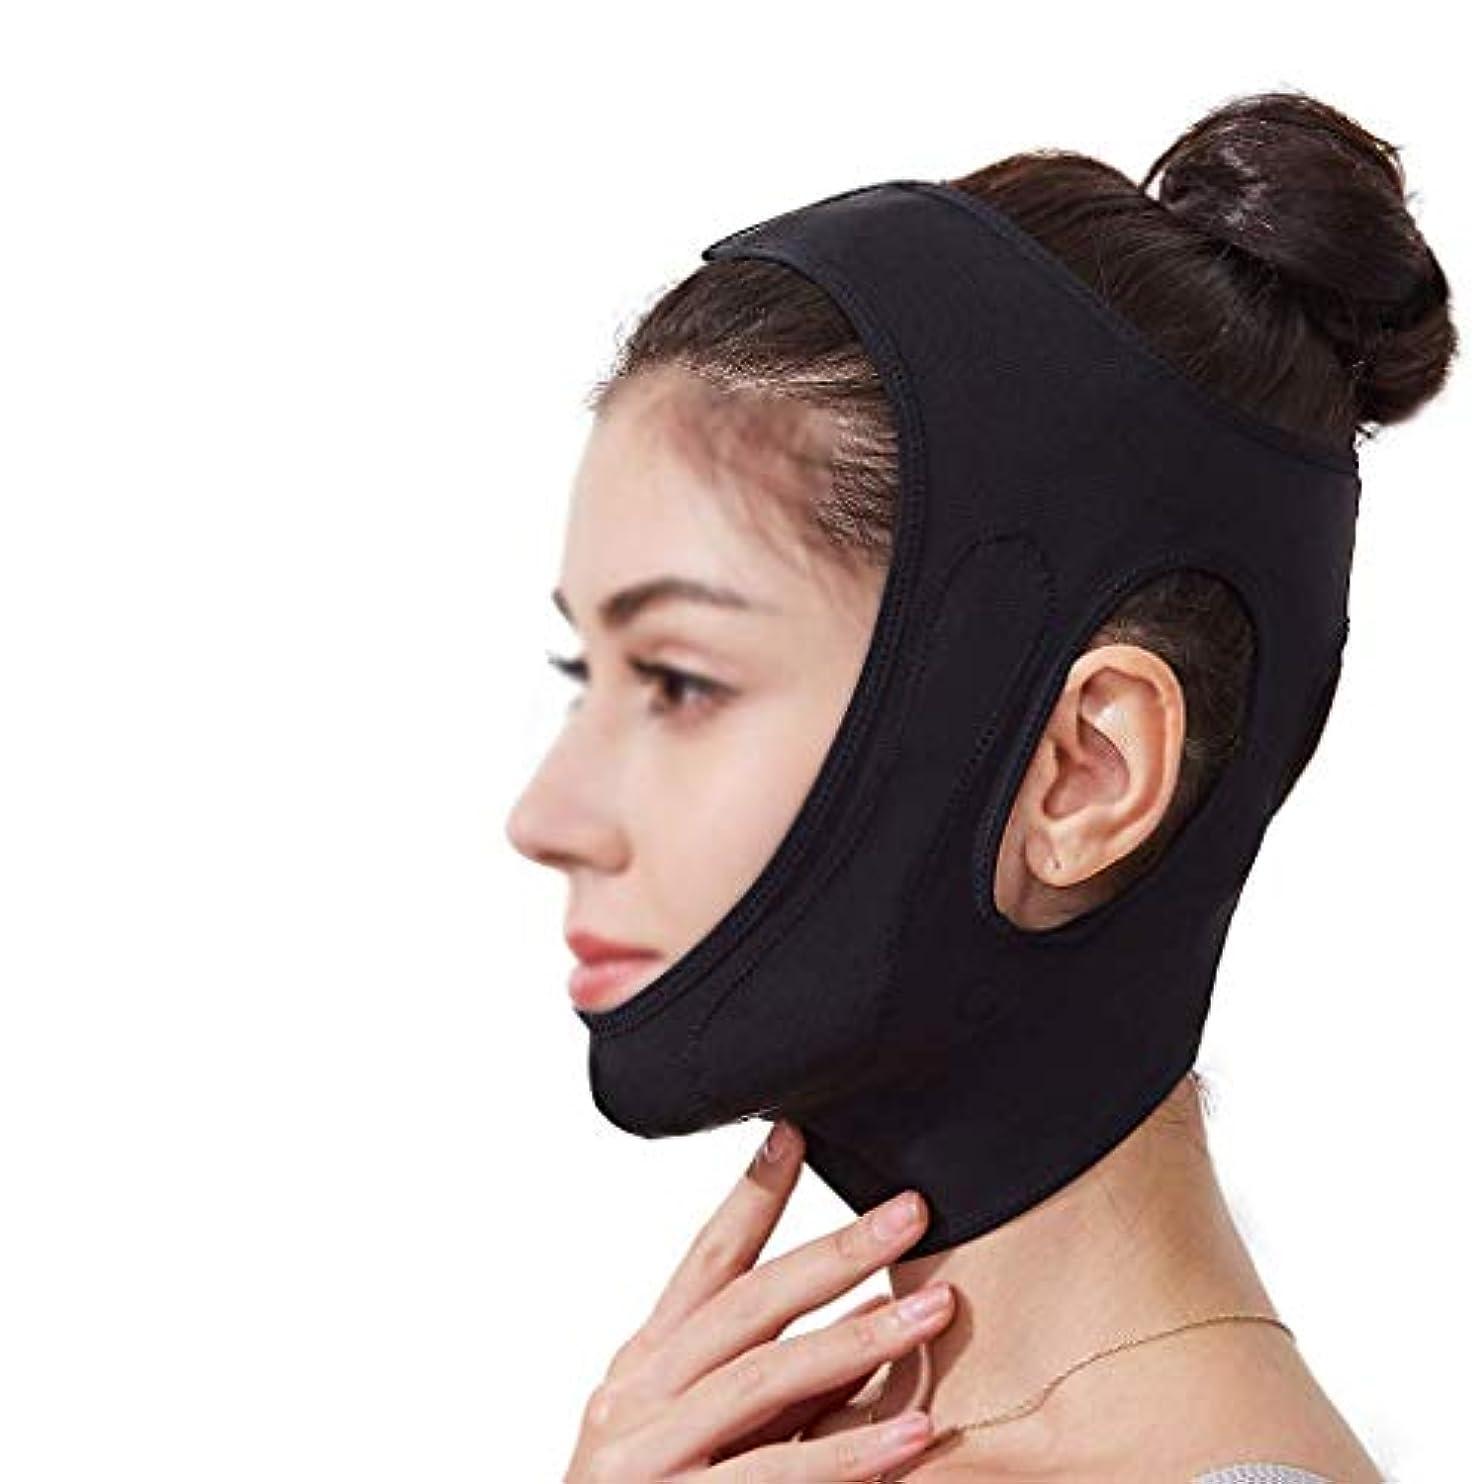 煩わしいオーバーランピストルフェイスリフティングバンデージ、顔の頬V字型リフティングフェイスマスクしわの軽減ダブルチン快適な包帯で小さなVフェイスを作成(色:黒)